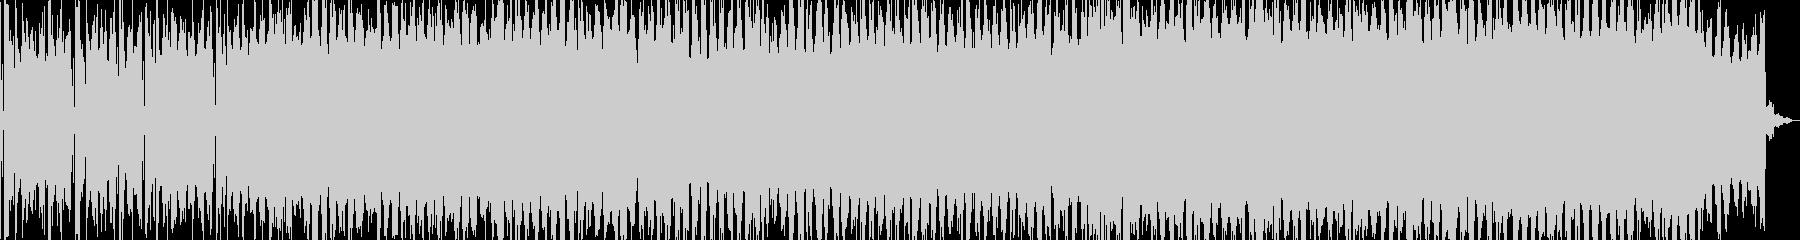 ノリのいいEDM ROCKの未再生の波形